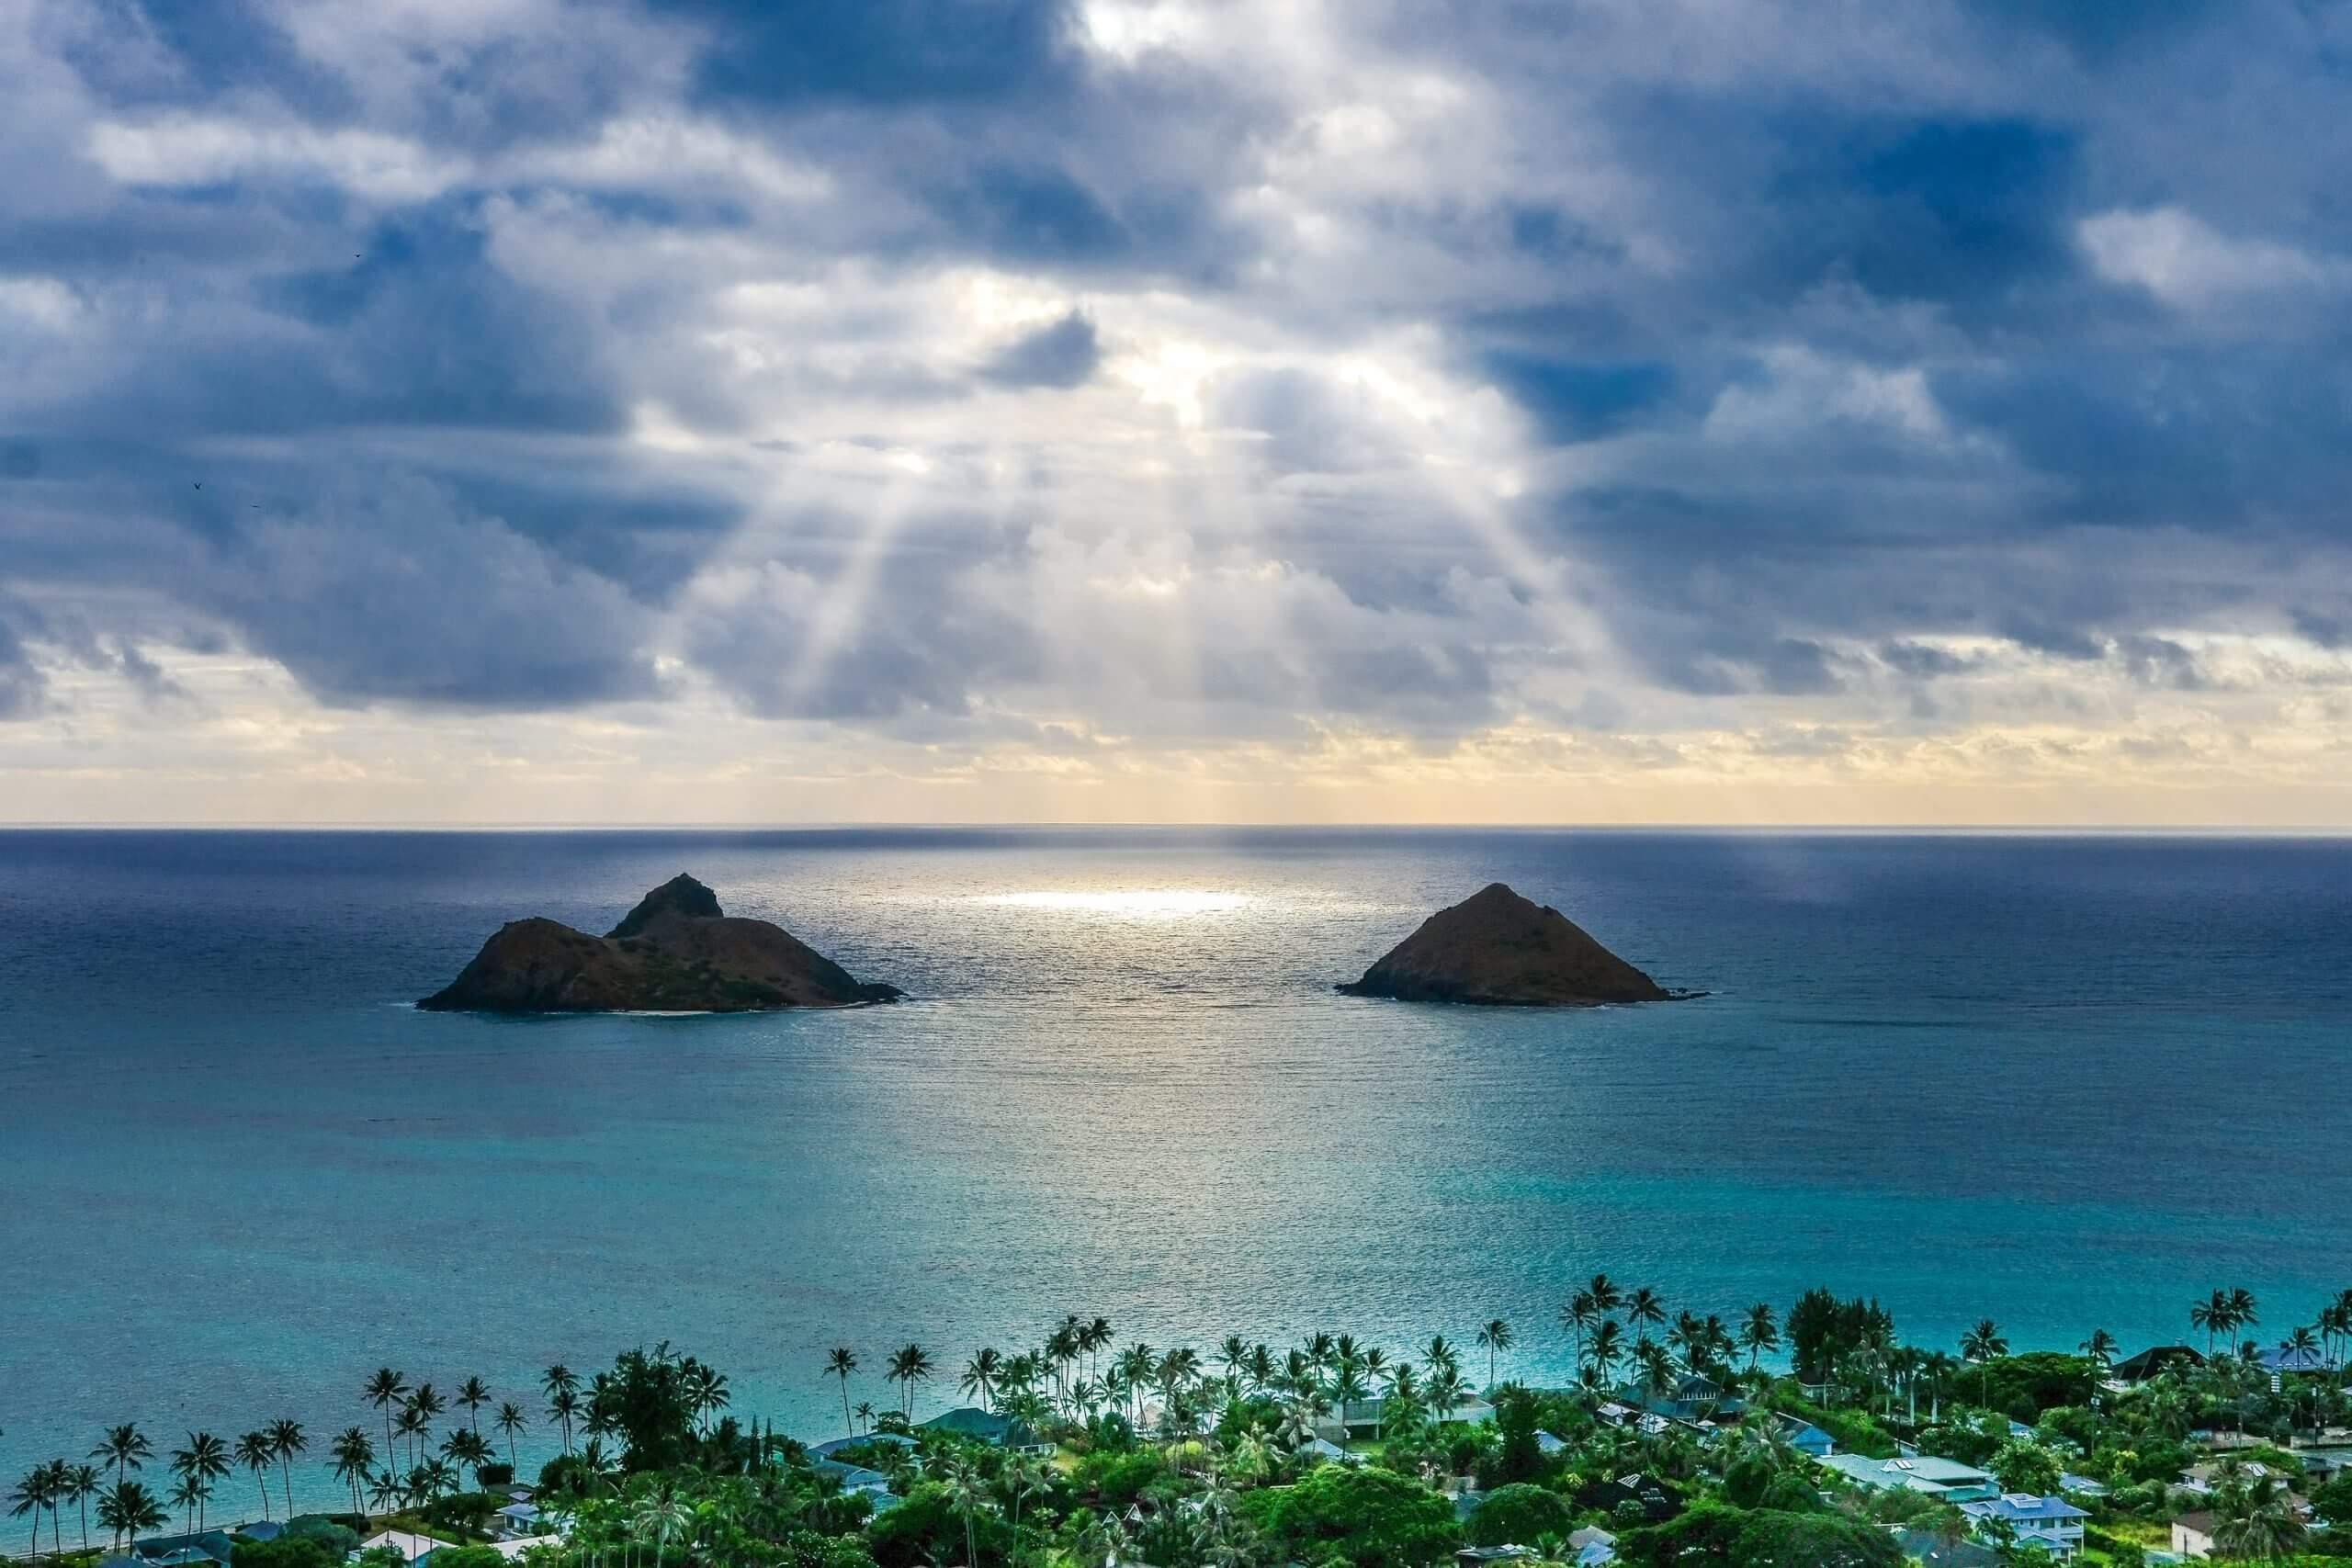 هاواي وأفضل شواطئها الساحرة التي لا ينبغي تفويت زيارتها